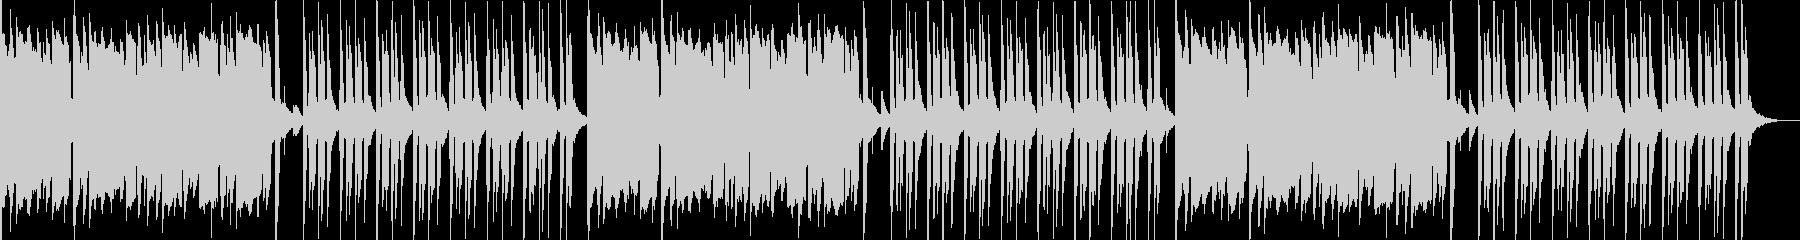 TikTokおとぼけ動画に可愛いアンデスの未再生の波形